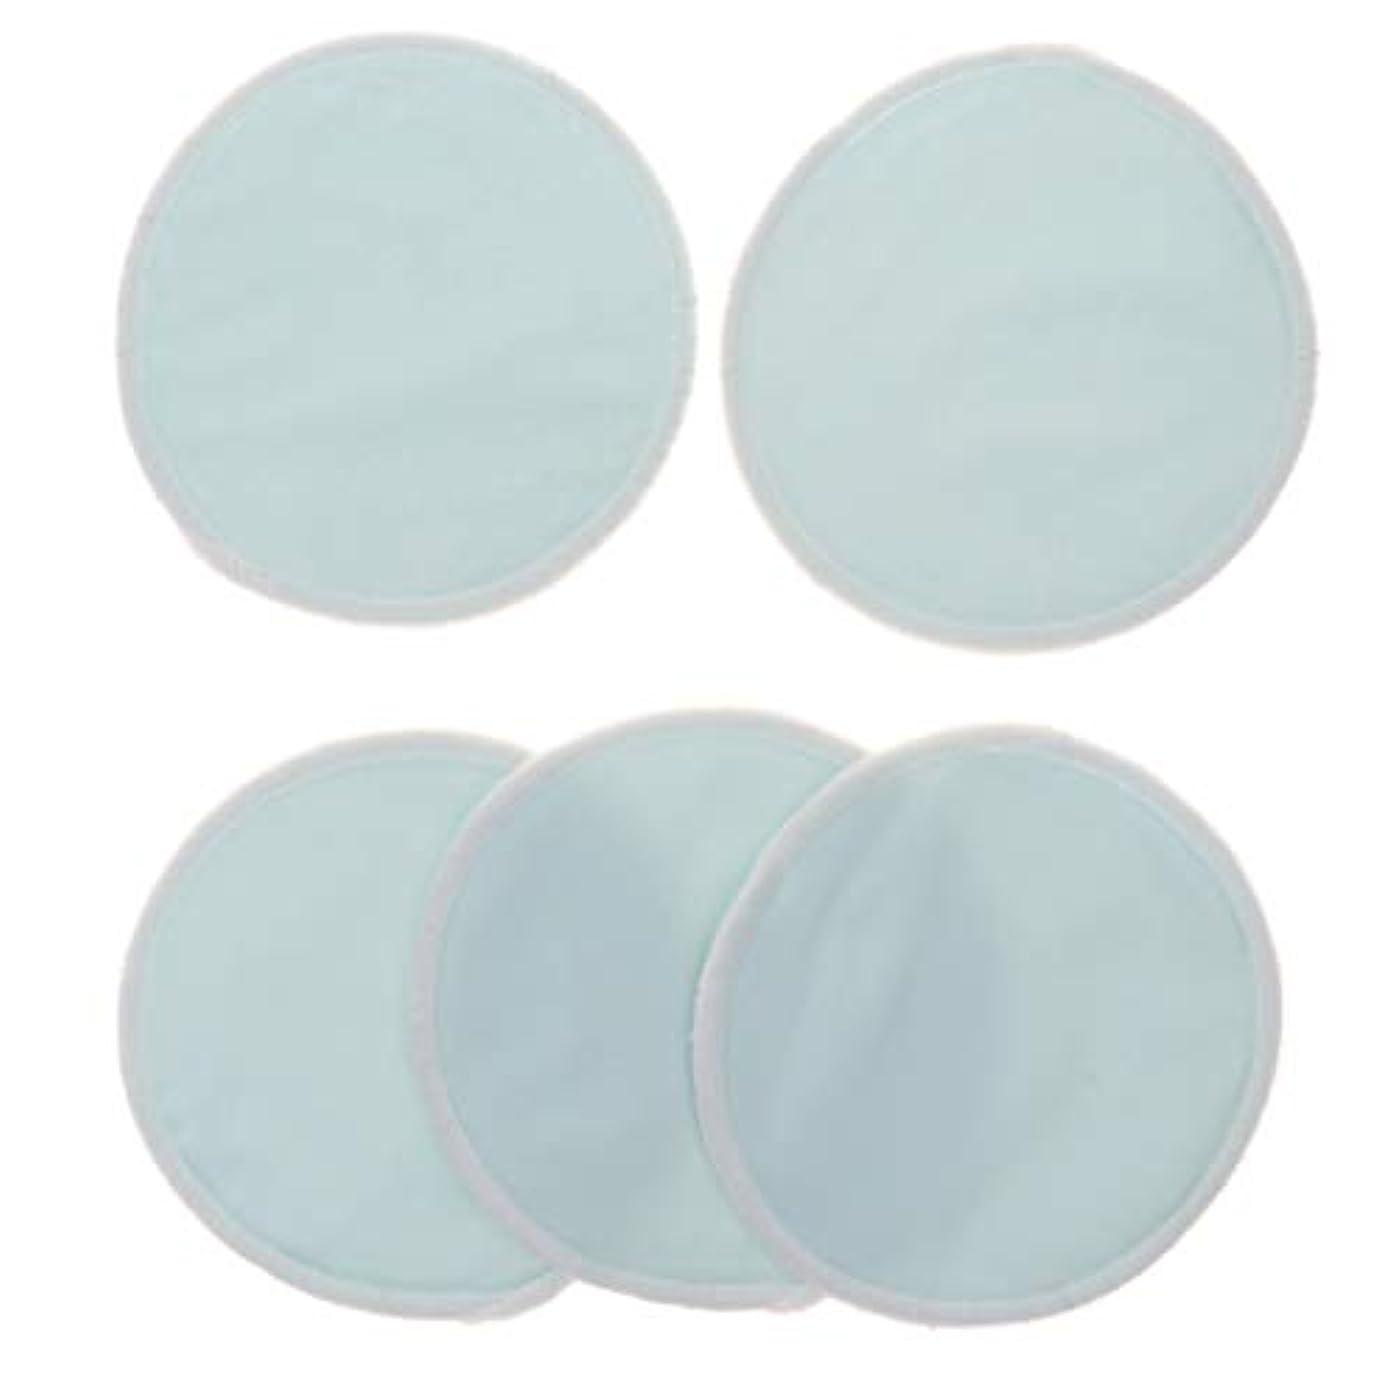 ファンド農夫うそつき5個 クレンジングシート 胸パッド 化粧用 竹繊維 円形 12cm 洗える 再使用可能 耐久性 全5色 - 青